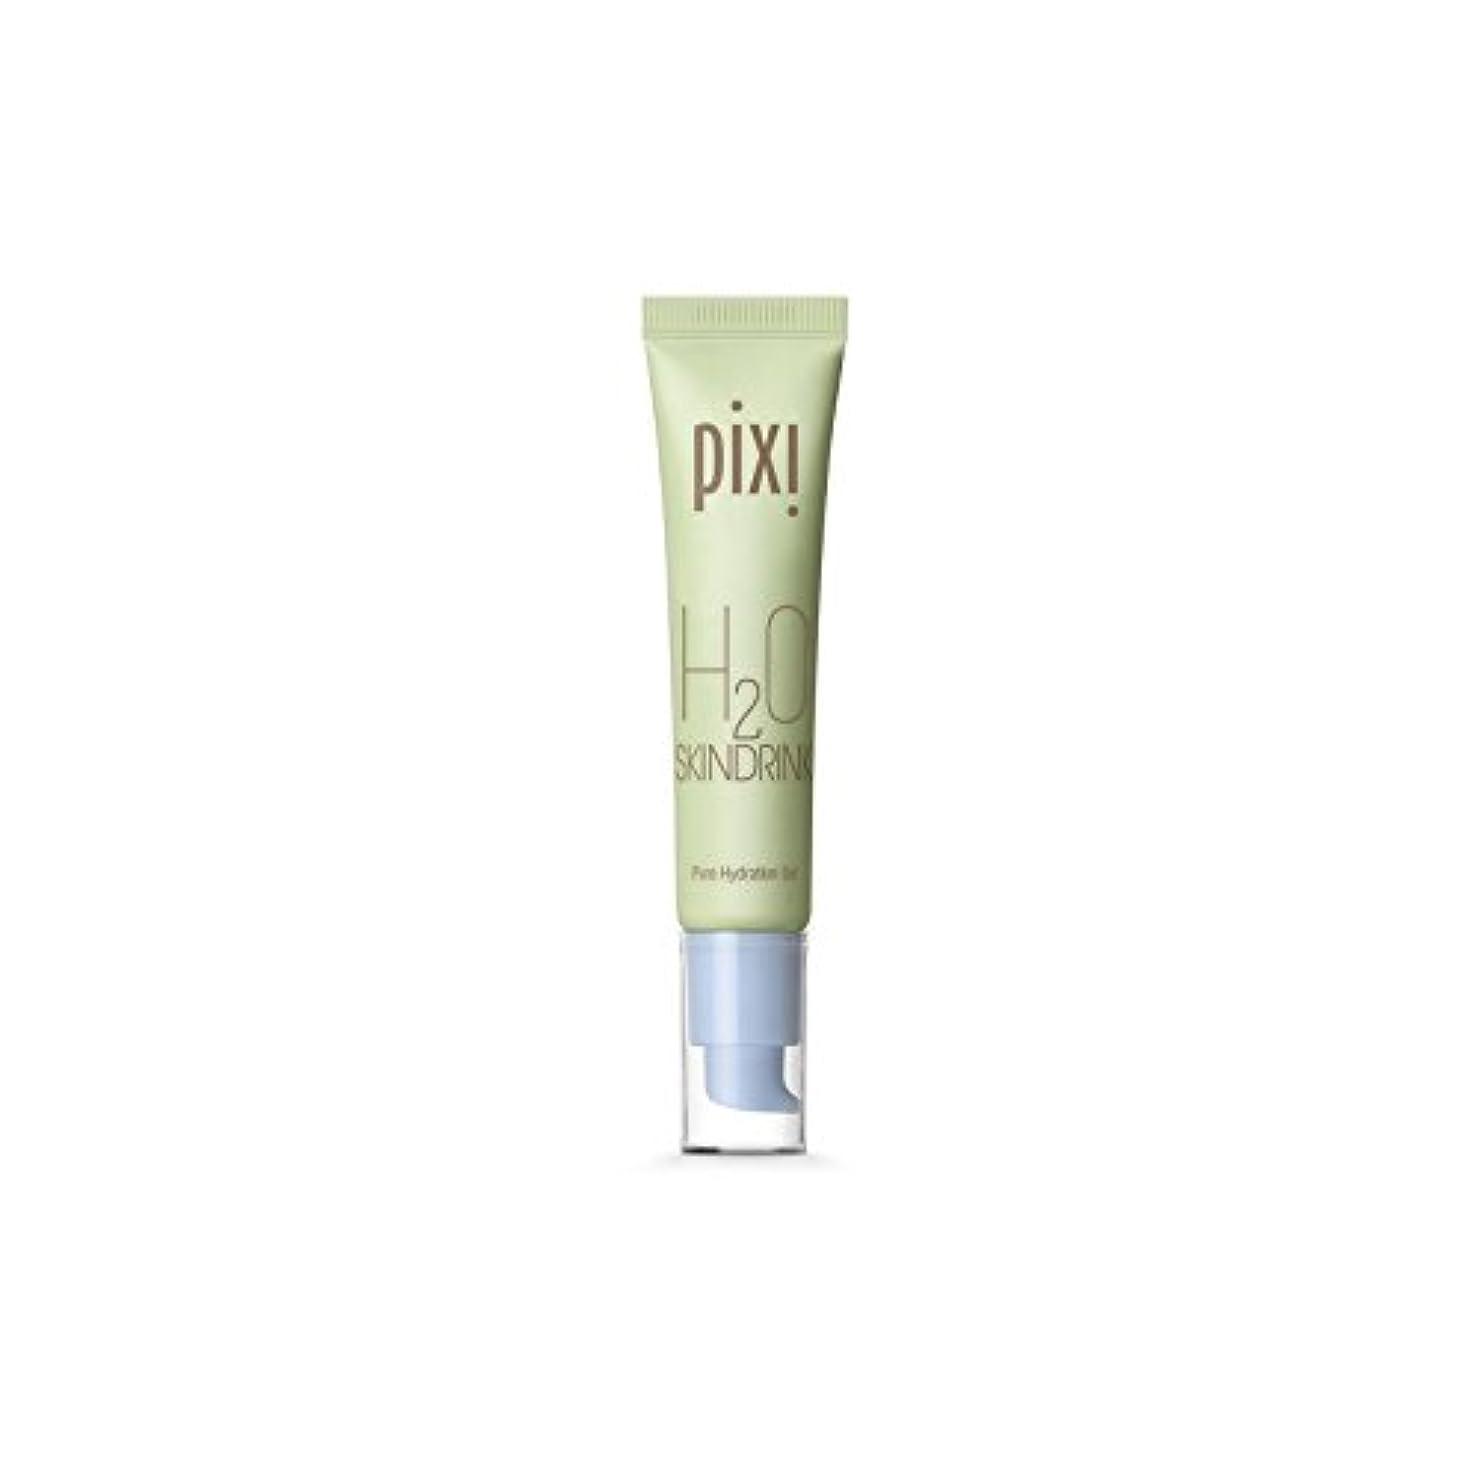 焼く叙情的なマートPixi H20 Skin Drink (Pack of 6) - 20スキンドリンク x6 [並行輸入品]